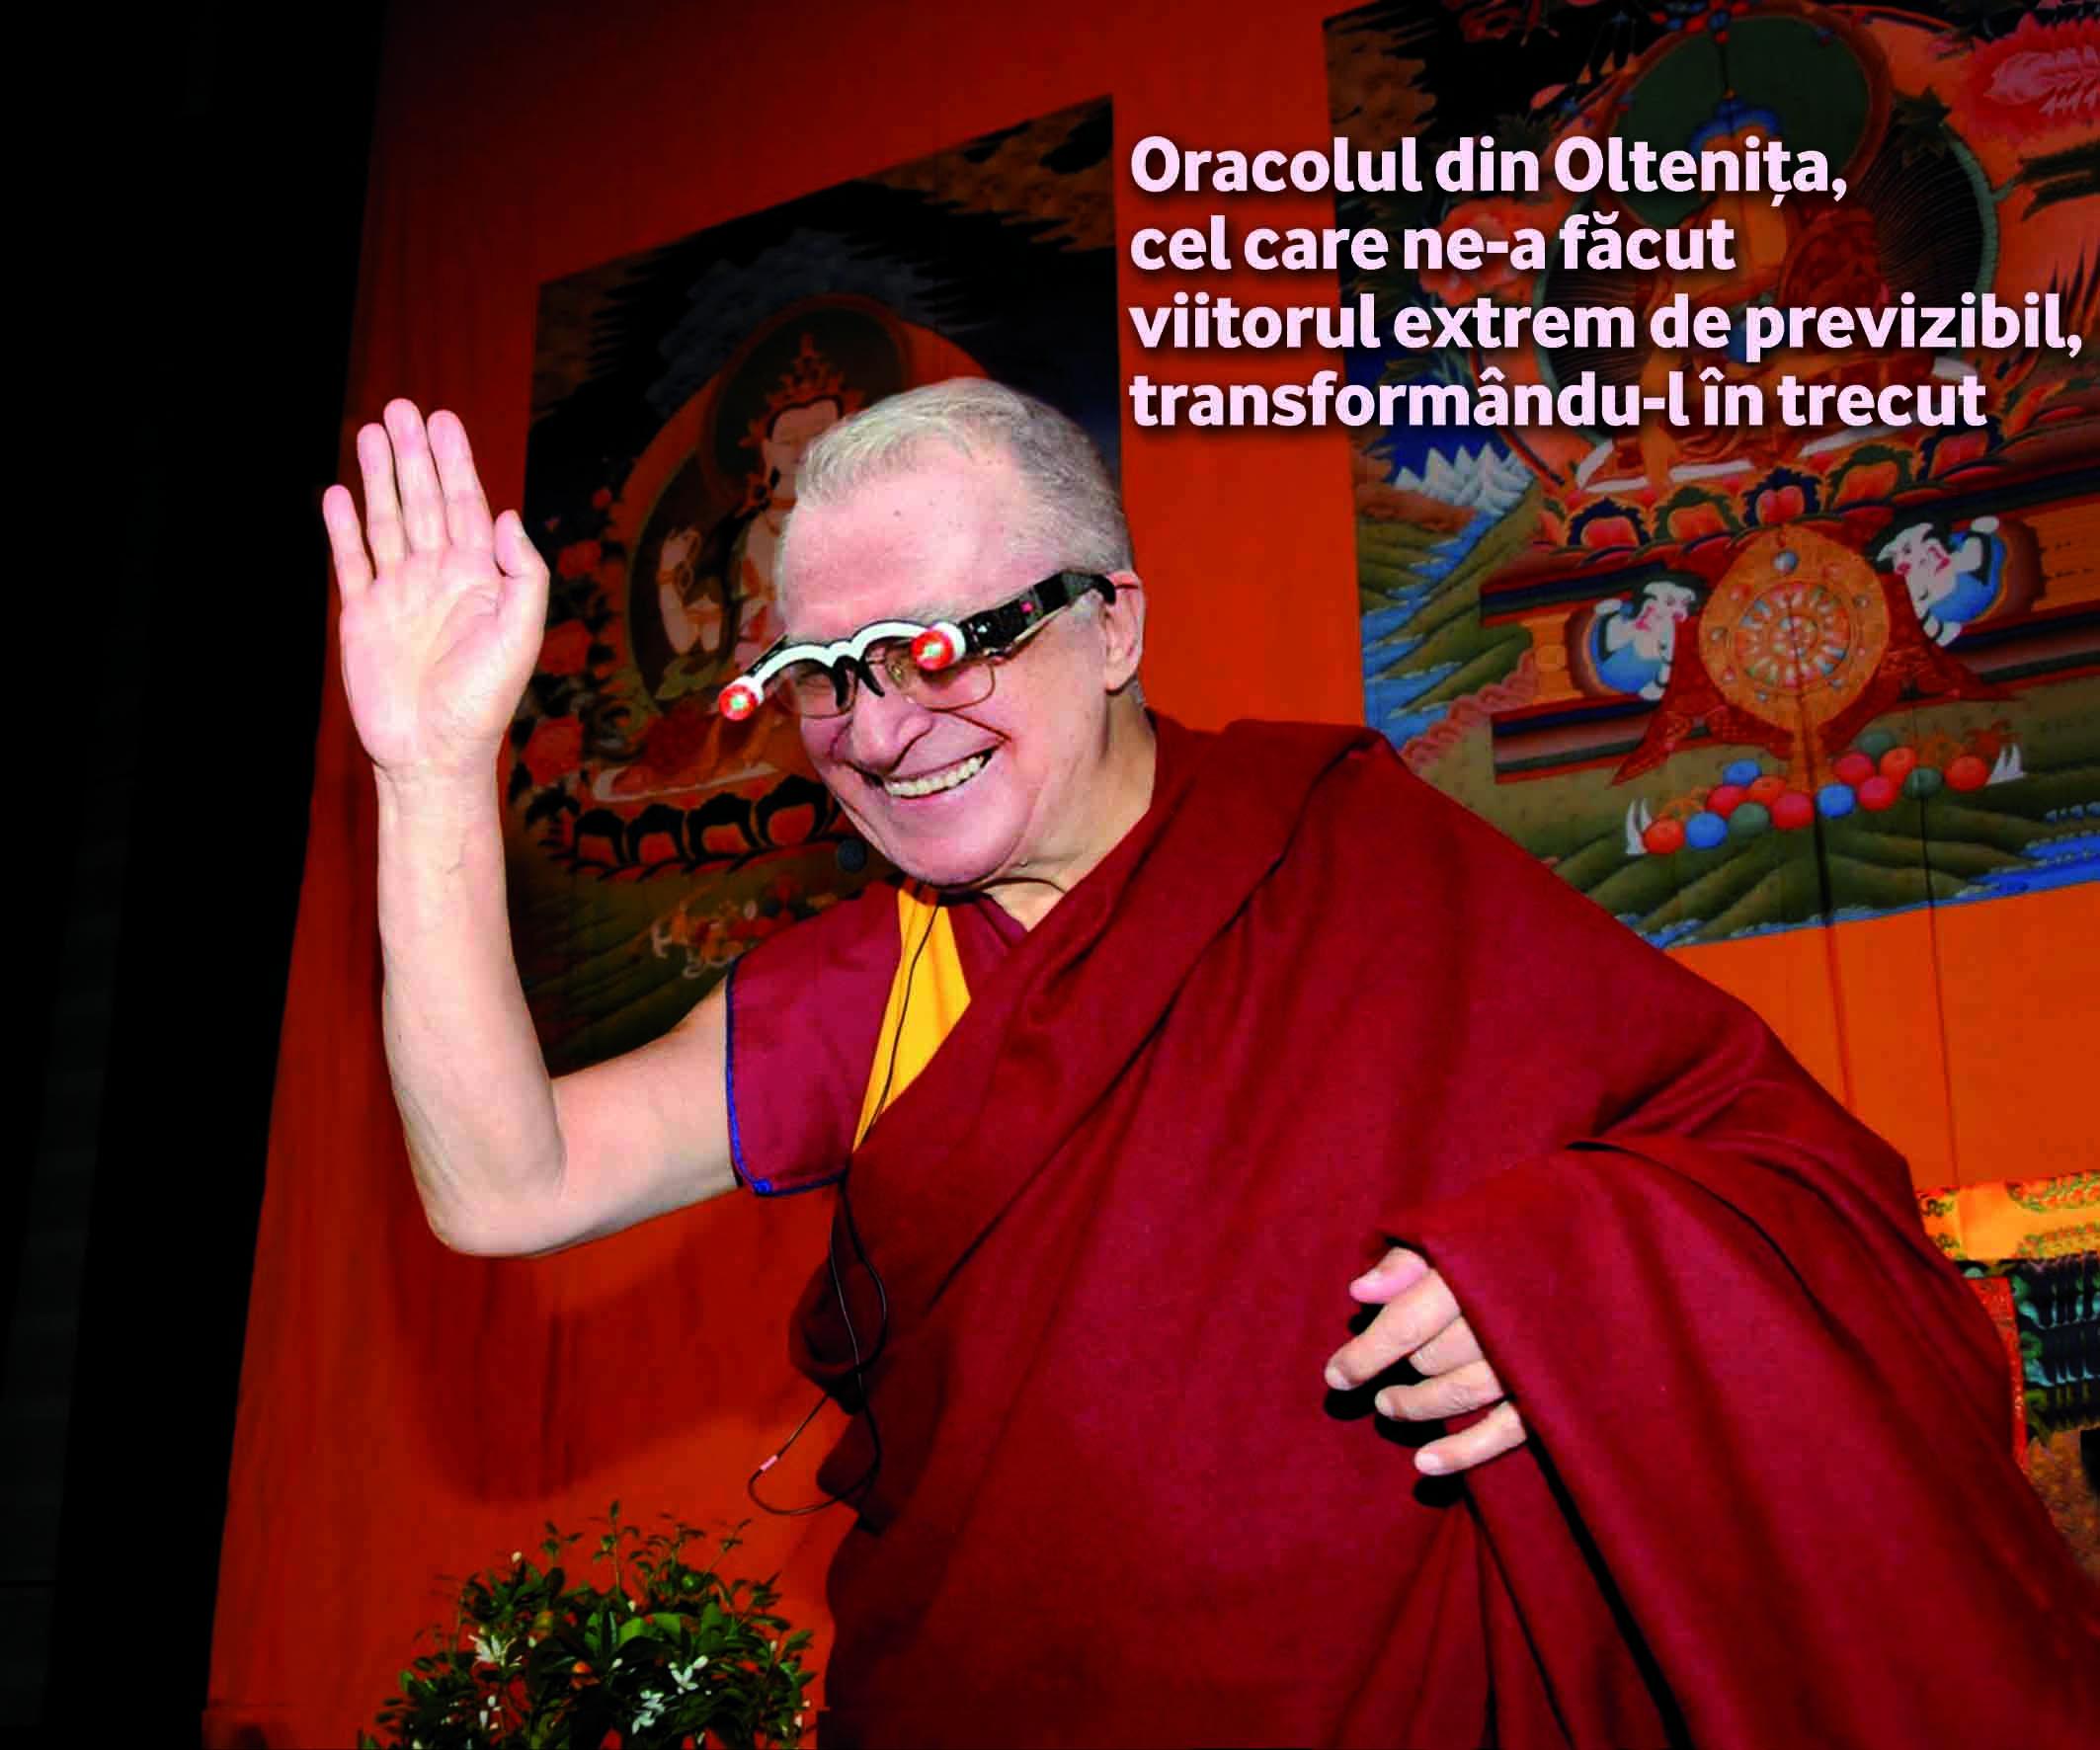 Uluitoarele profeții ale yoghinului Gupta Swami despre România: Va fi nașpa. Rău!